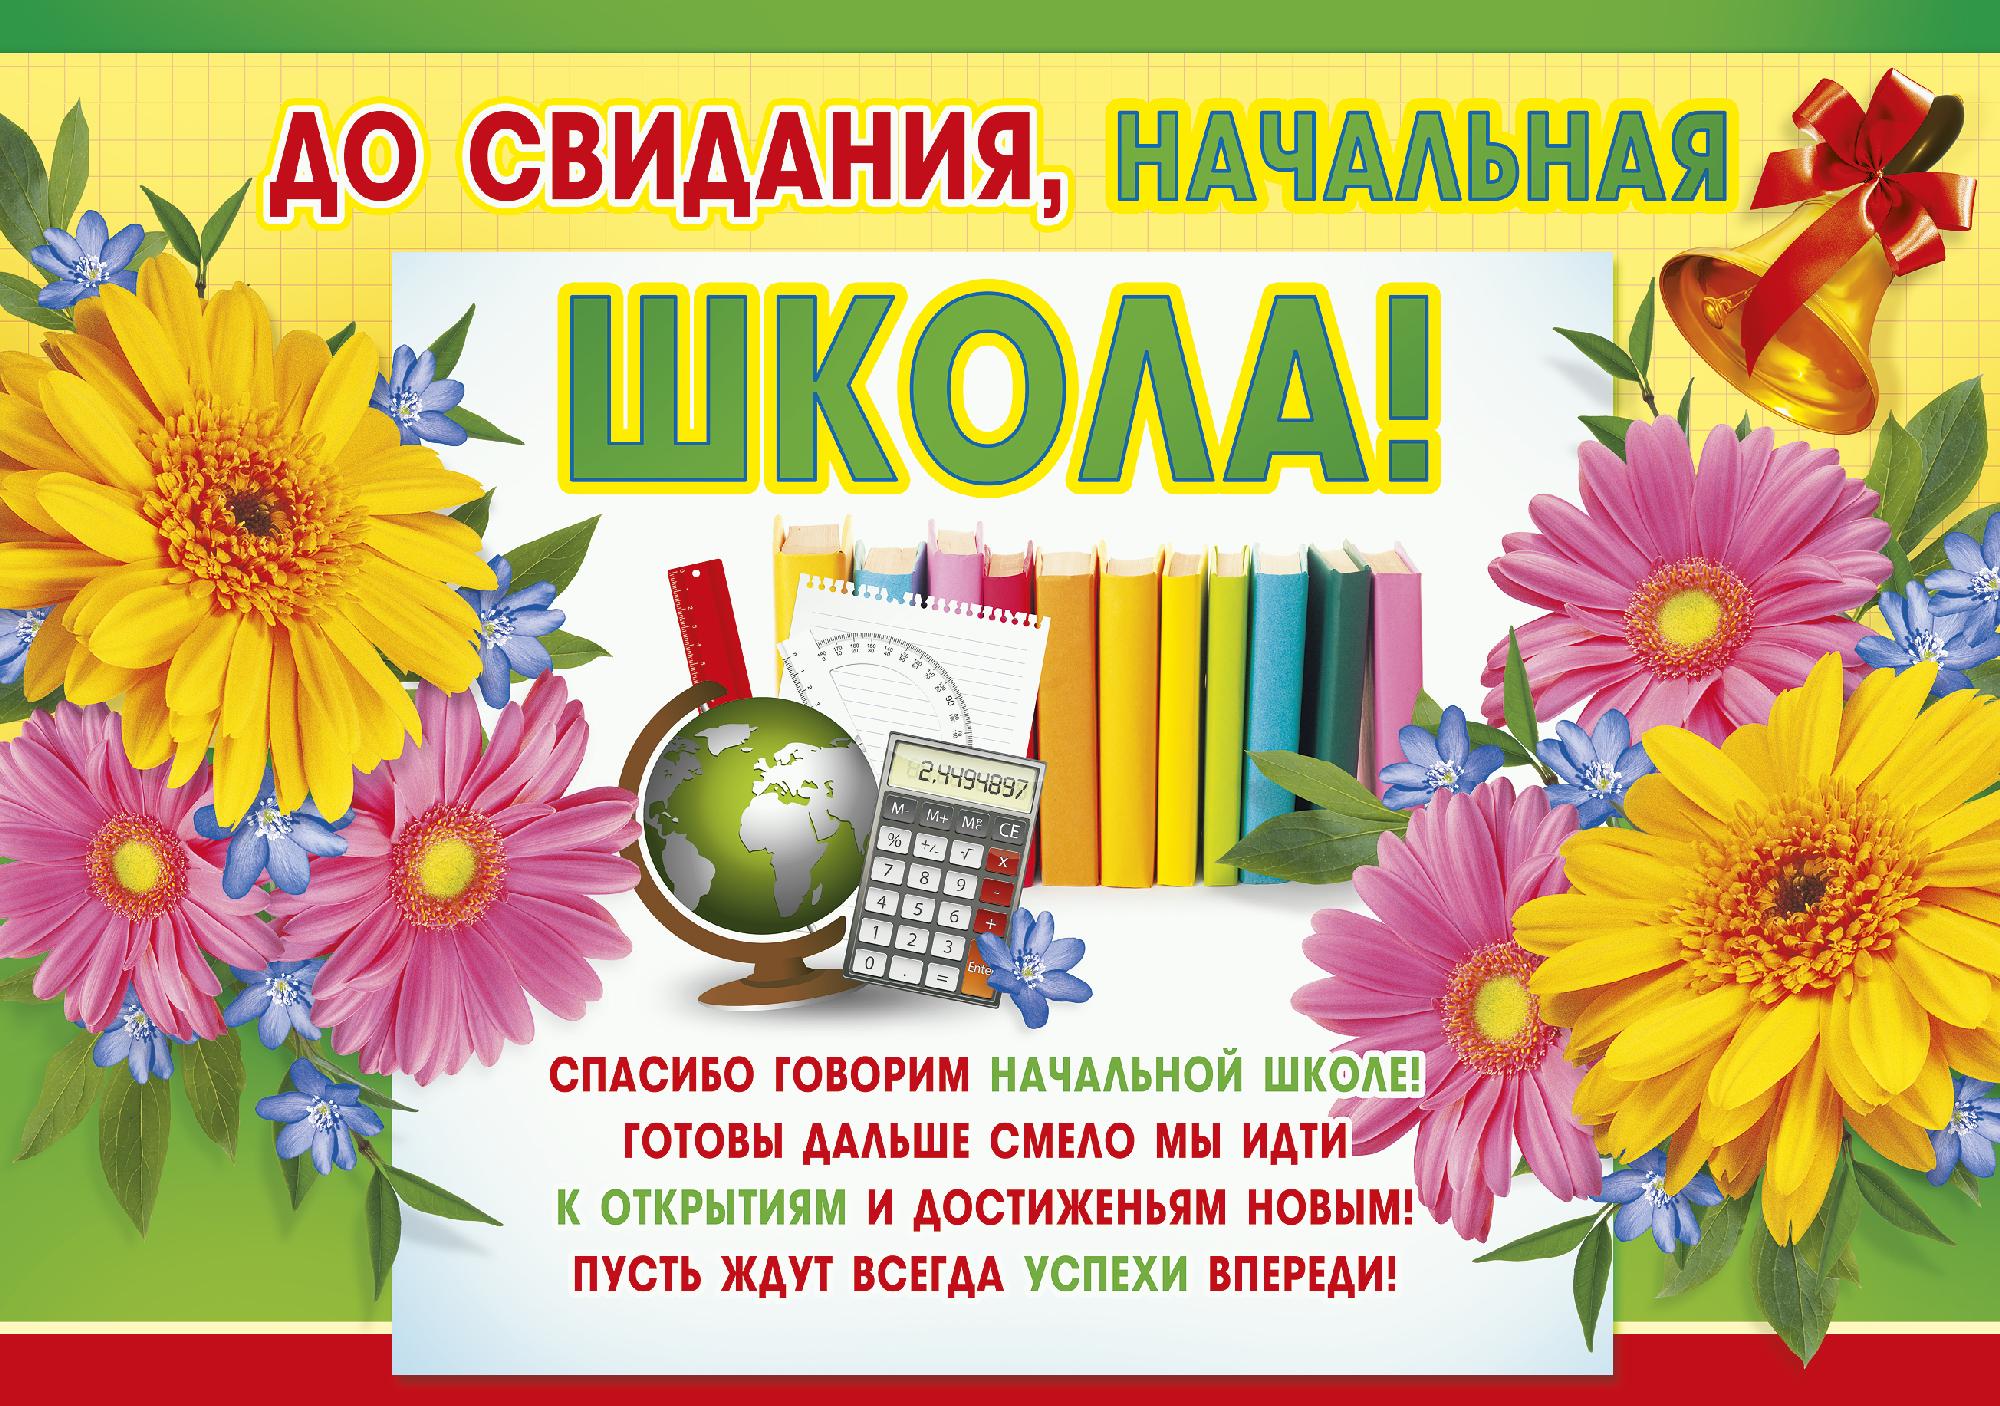 Девушки, поздравительная открытка для начальной школы